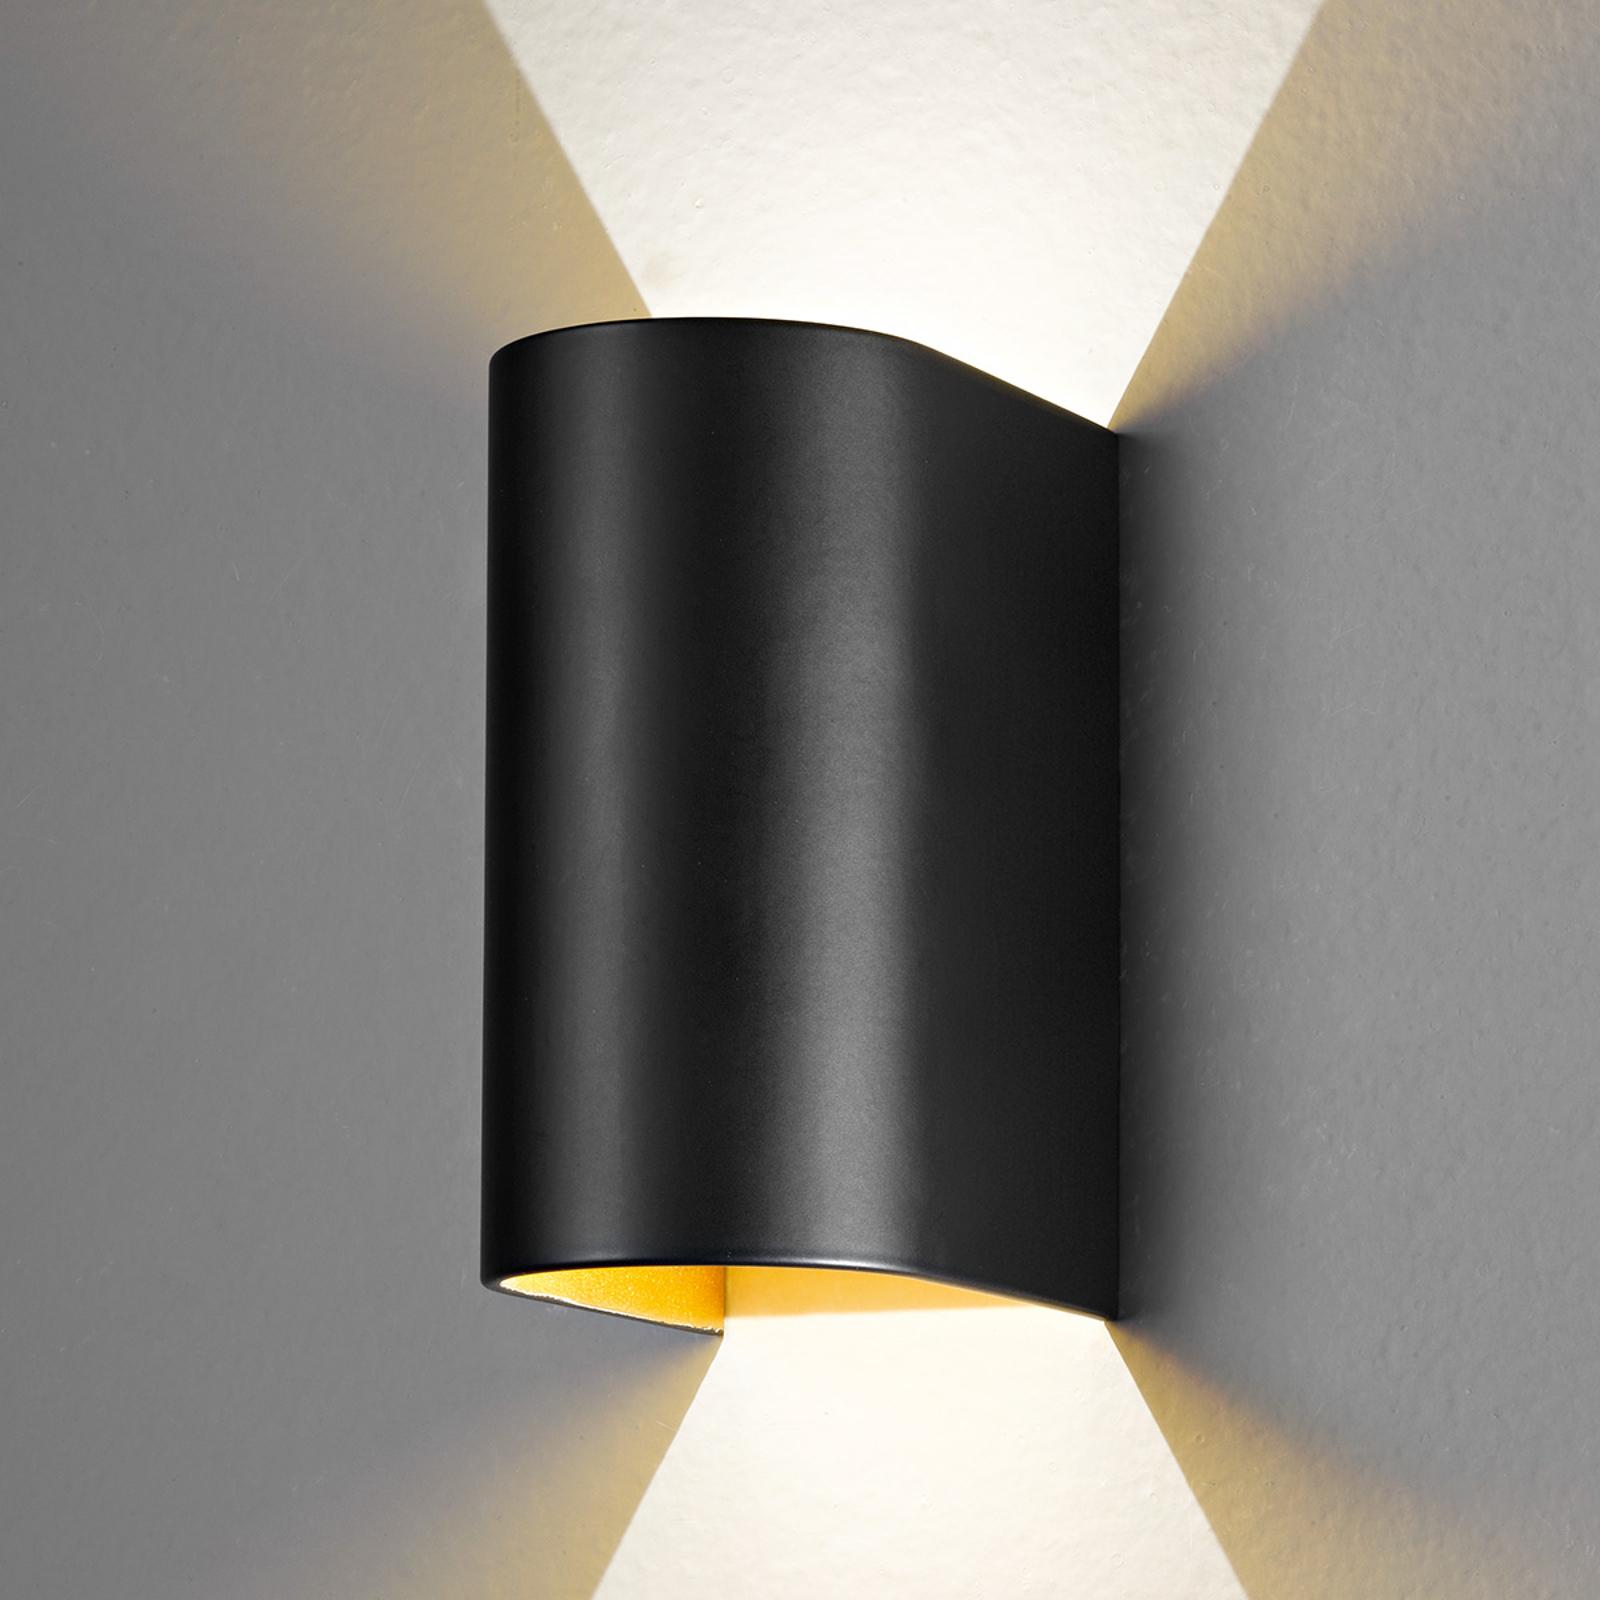 Nástenné LED svietidlo Feeling, čierno-zlaté_3023089_1